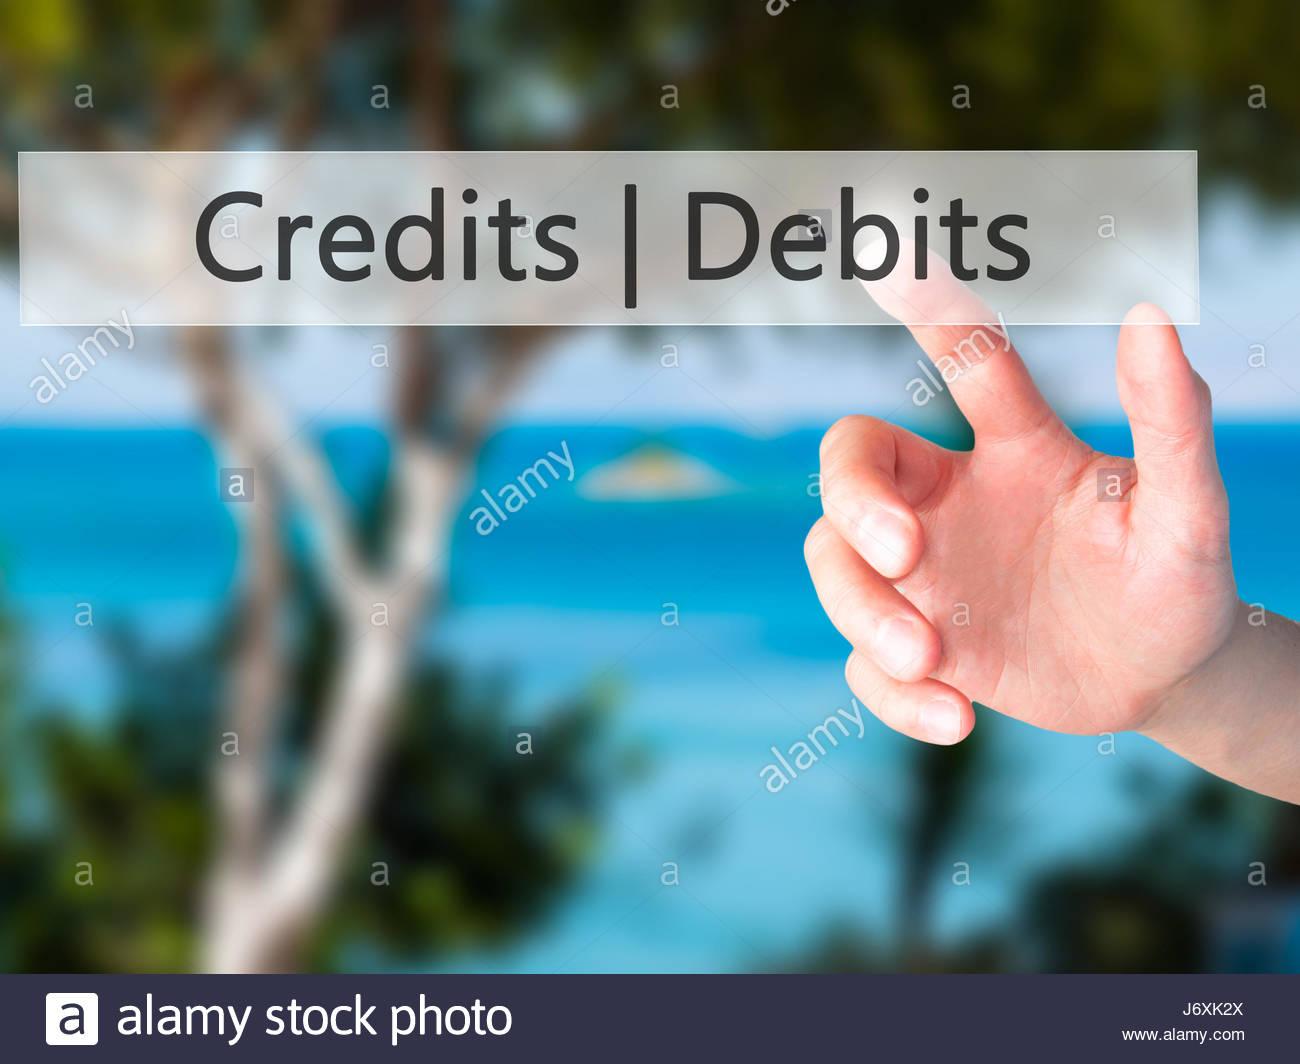 Understanding Debits & Credits 6/3